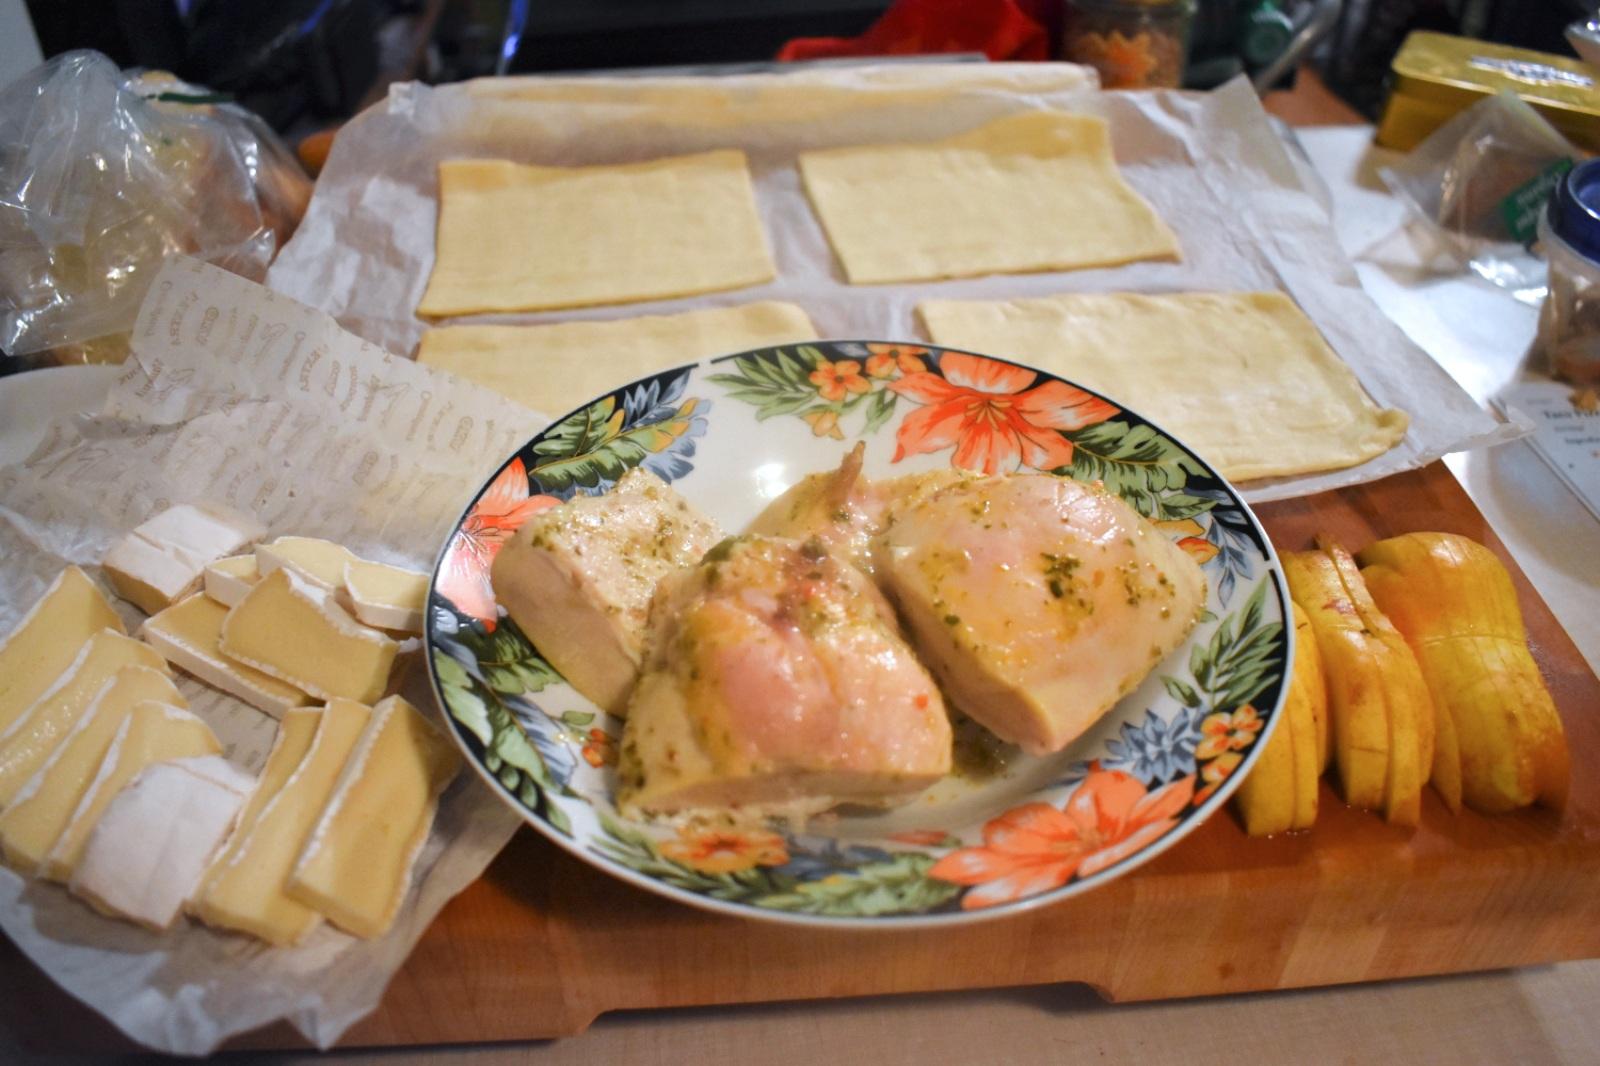 Feuilletés de poulet, brie et poire - Auboutdelalangue.com (4)